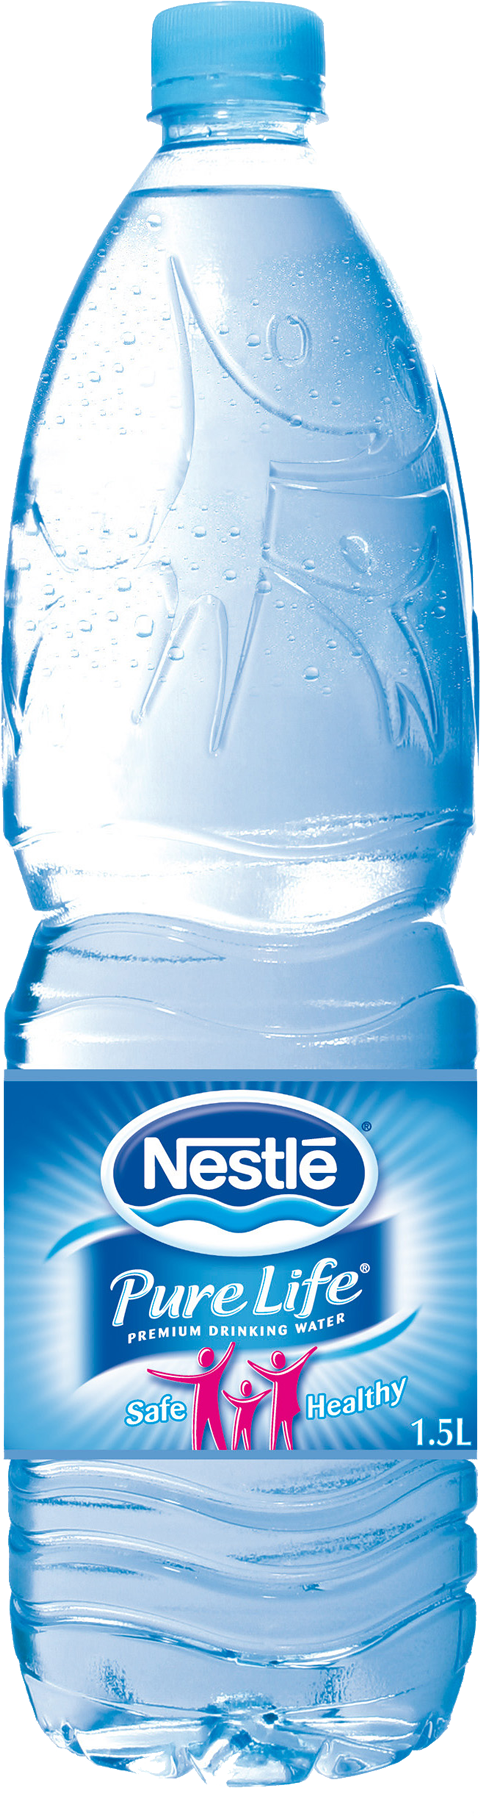 Water bottle png. Clipart jokingart com